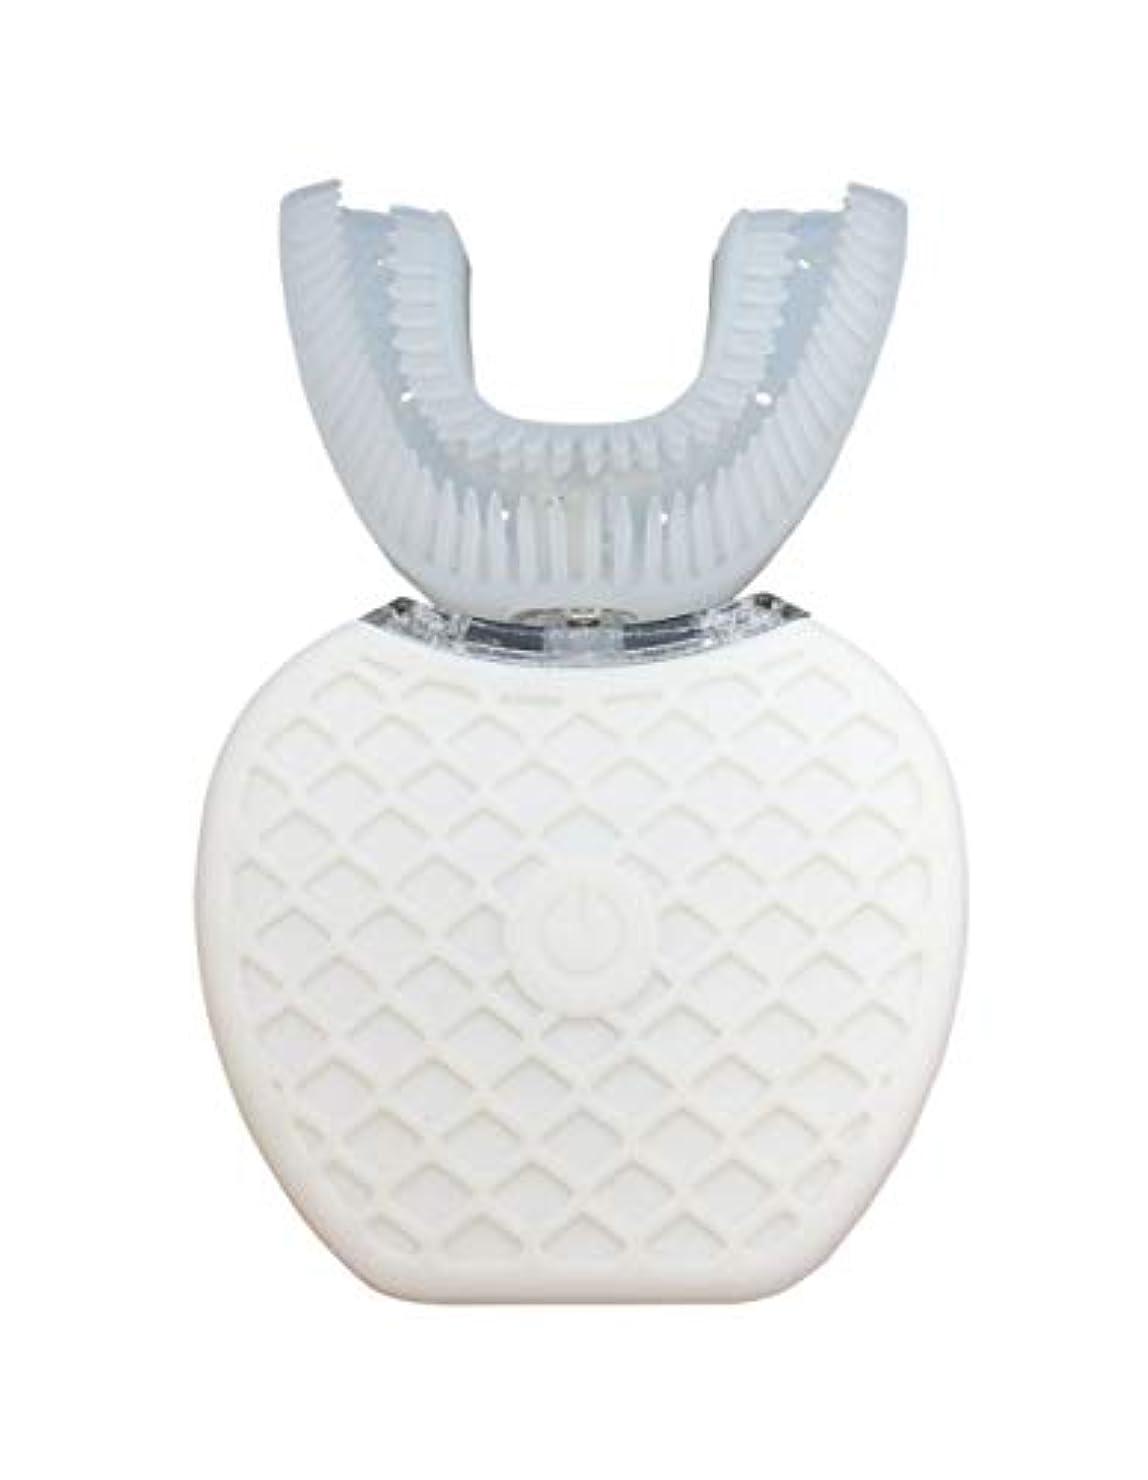 明示的にタンザニア甘やかすBroadwatch 電動歯ブラシ U型 360° 全方位 360度 4段調節 IPX7レベル防水 自動 歯ブラシ ホワイトニング